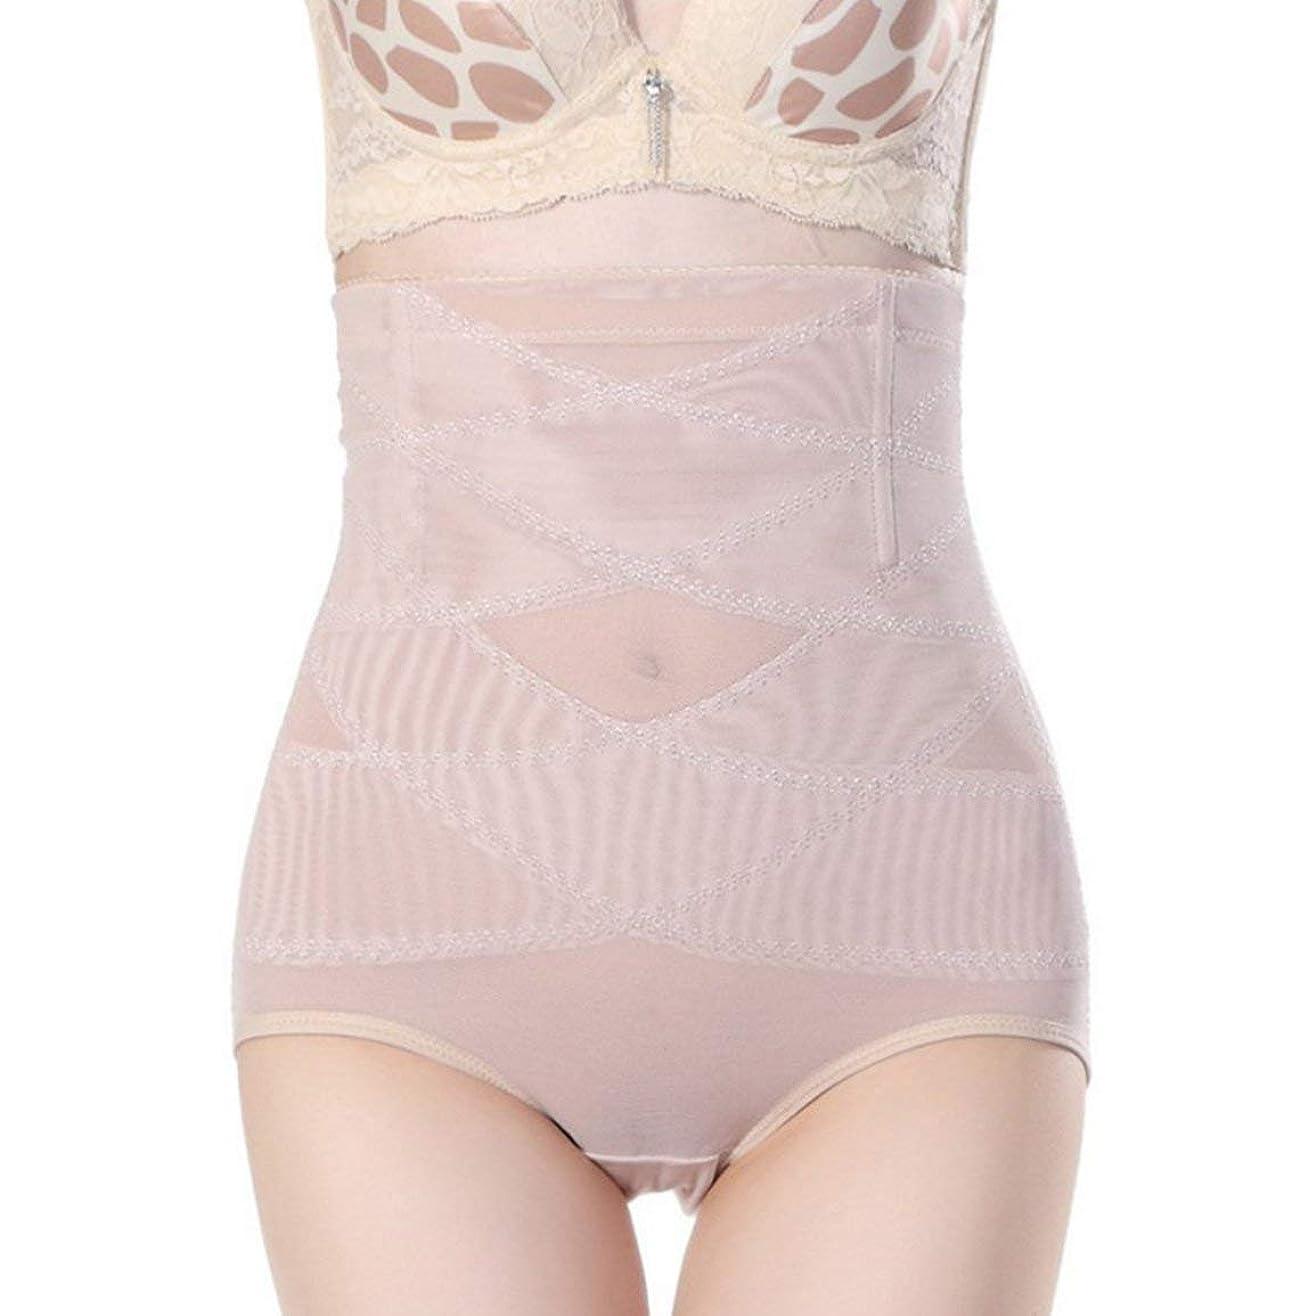 ファシズムどんよりした翻訳者腹部制御下着シームレスおなかコントロールパンティーバットリフターボディシェイパーを痩身通気性のハイウエストの女性 - 肌色3 XL